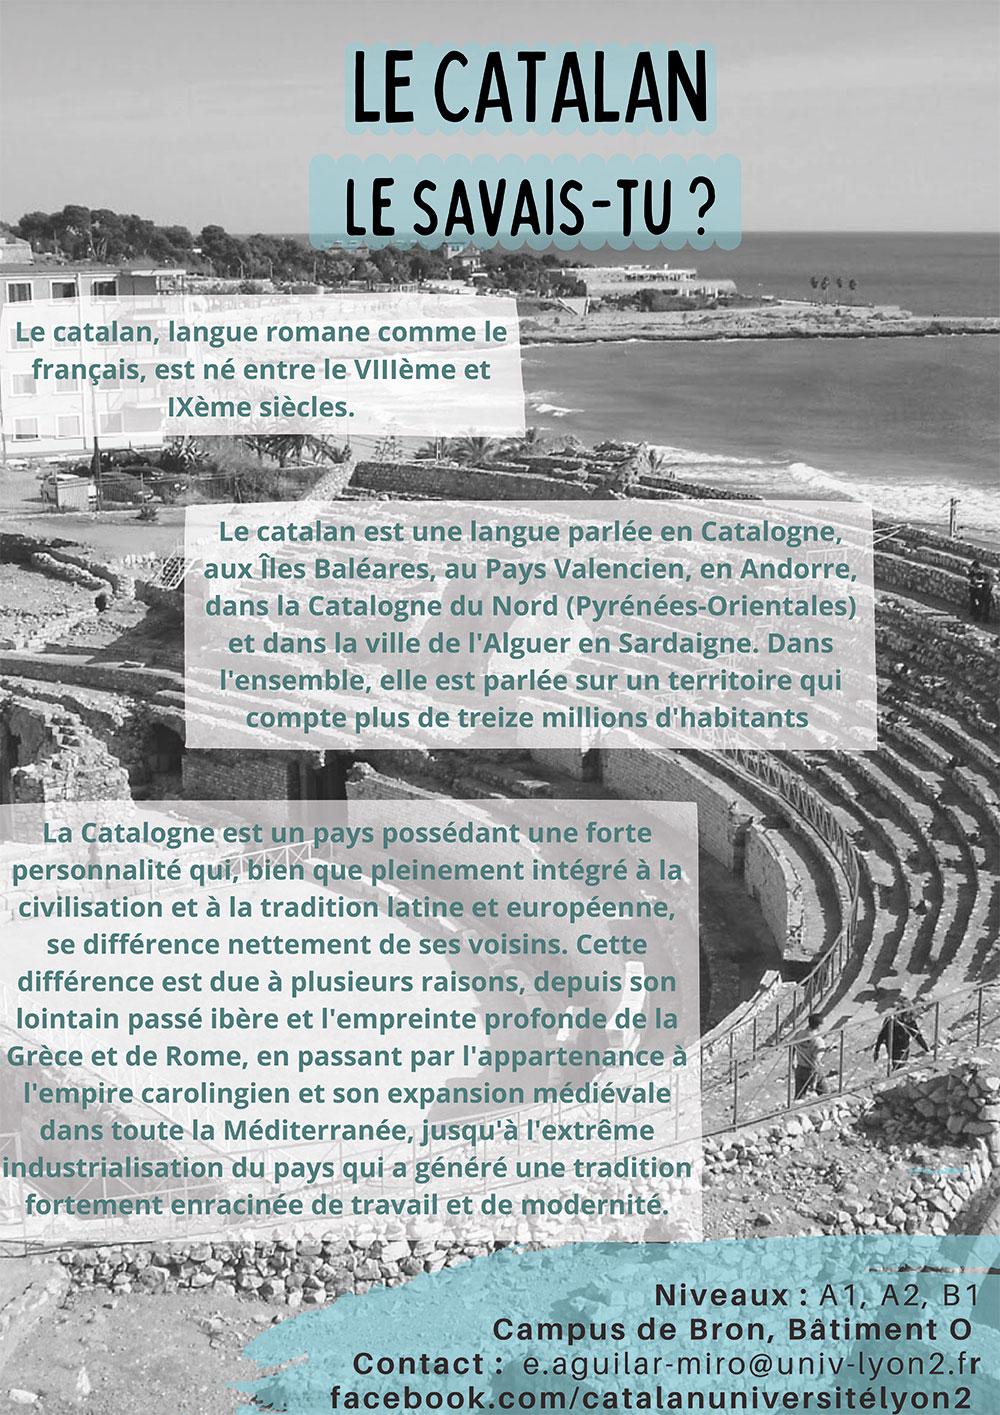 Le Catalan à Lyon 2